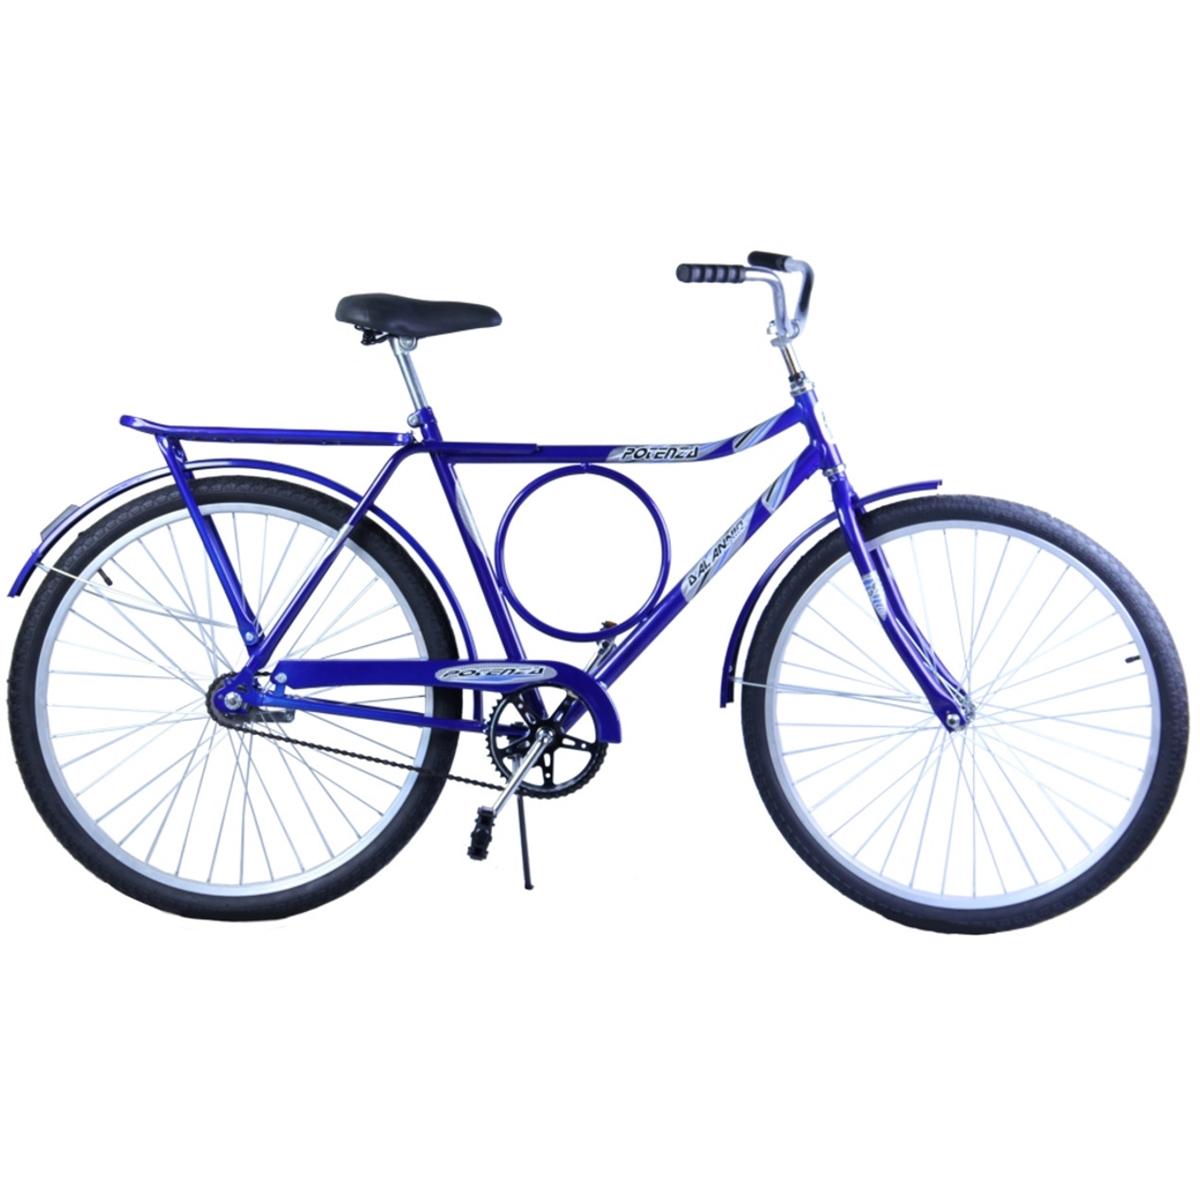 Bicicleta Aro 26 Masculina Barra Circular Freio no Pé Potenza Azul